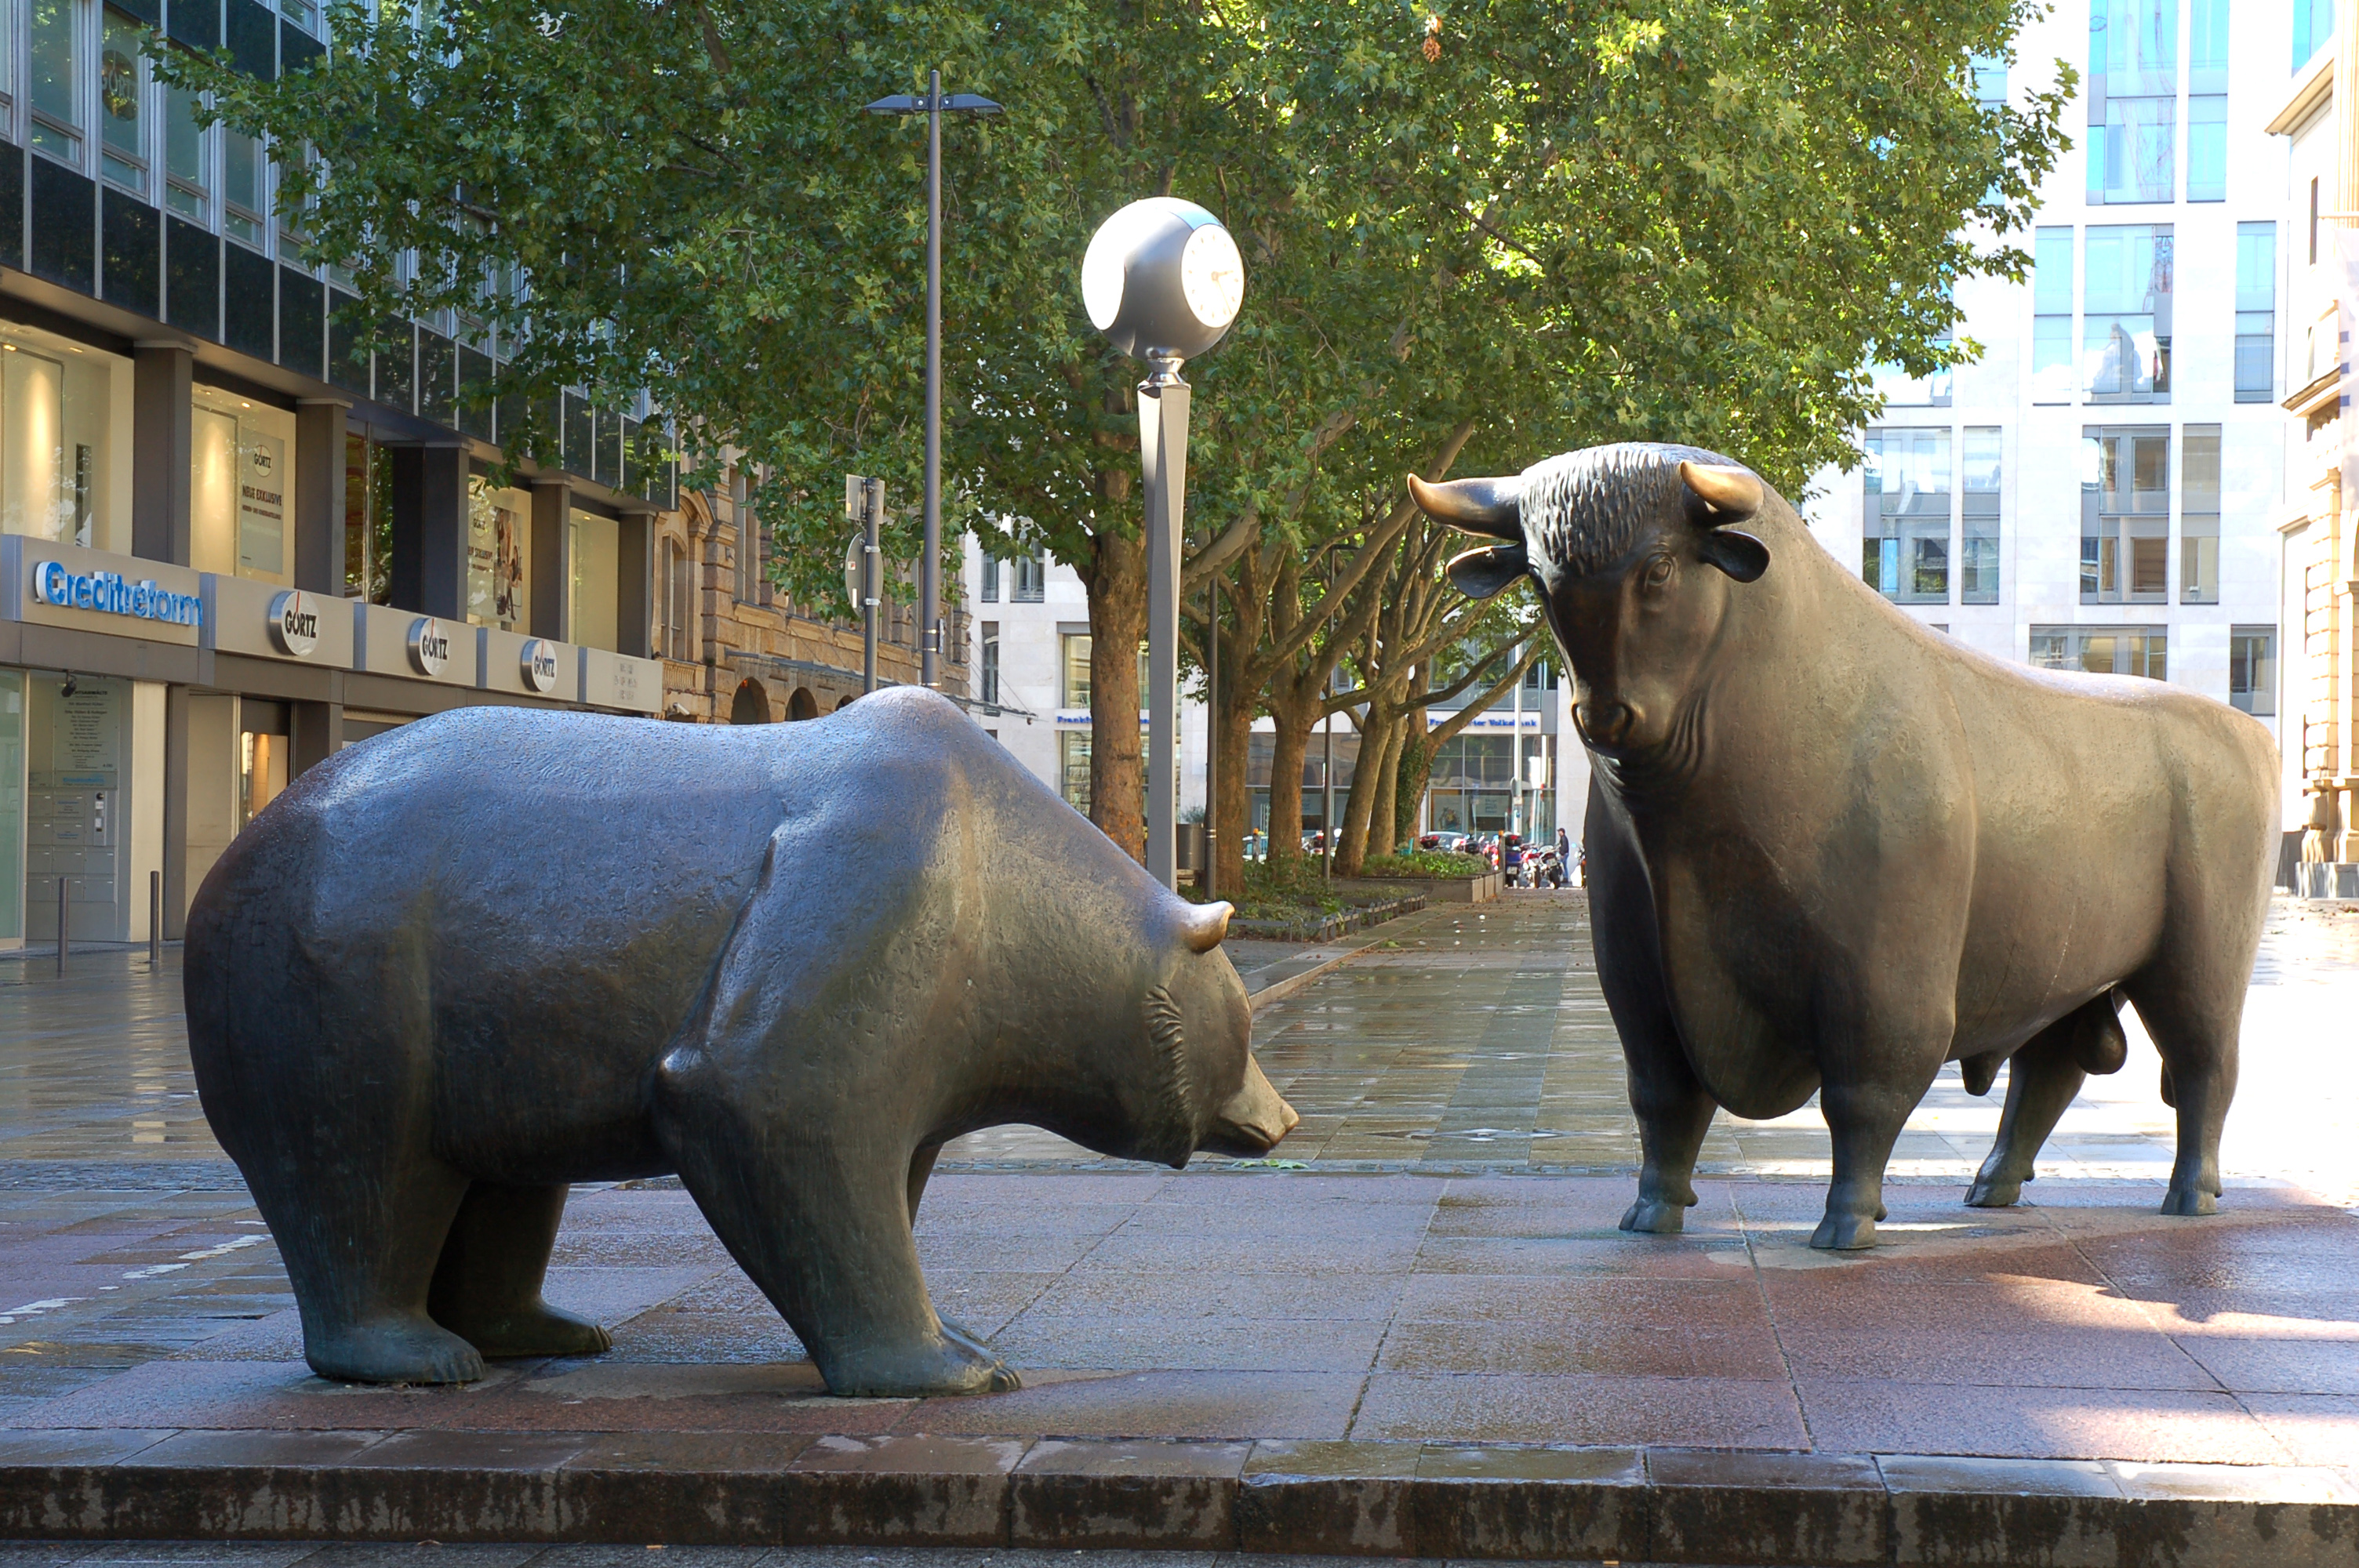 http://upload.wikimedia.org/wikipedia/commons/4/45/Bulle_und_B%C3%A4r_Frankfurt.jpg